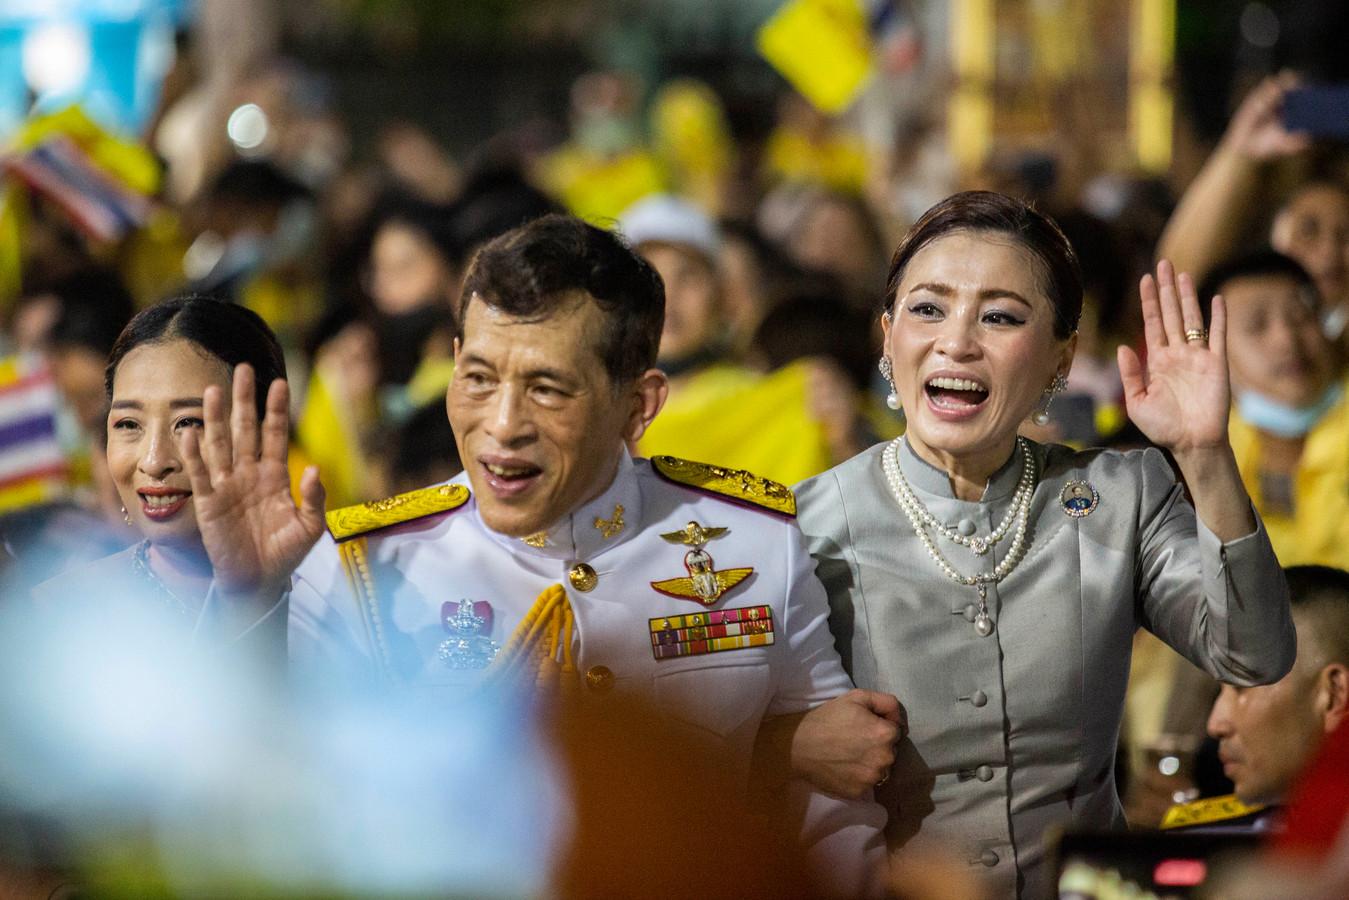 Thaise koningin Suthida verschijnt weer in het openbaar